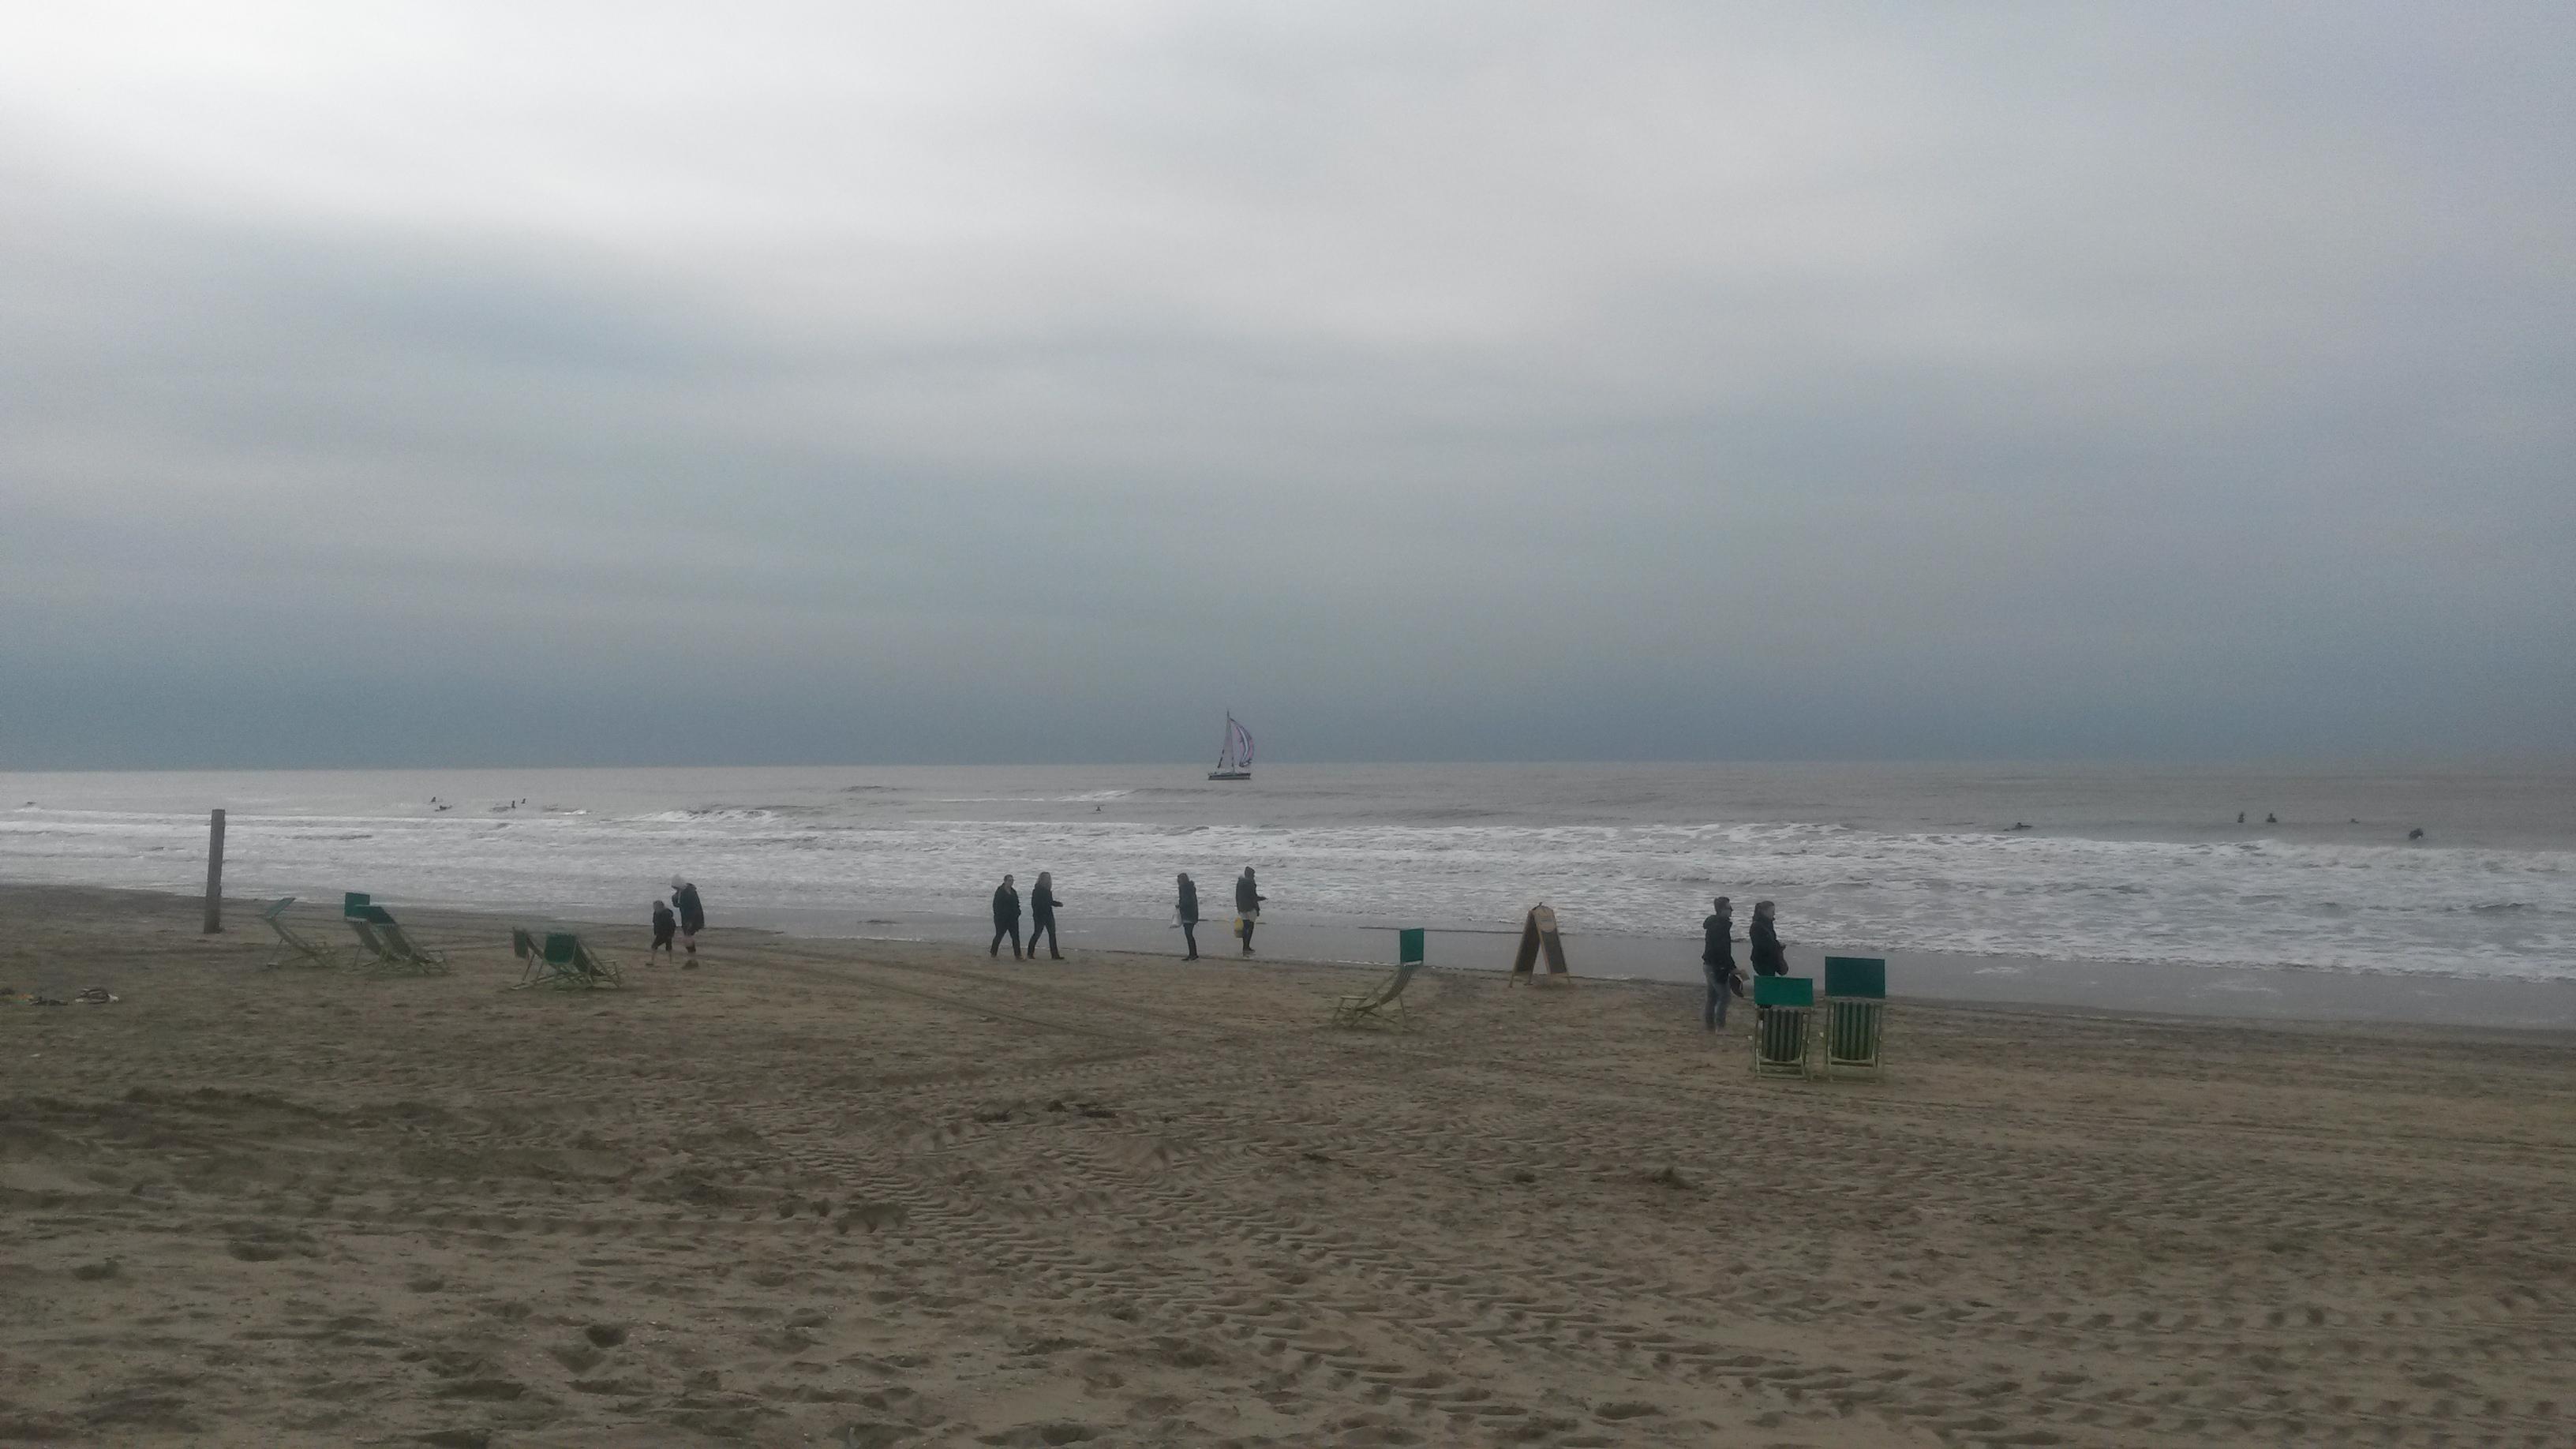 Zandvoort beach - Amsterdam #northsea